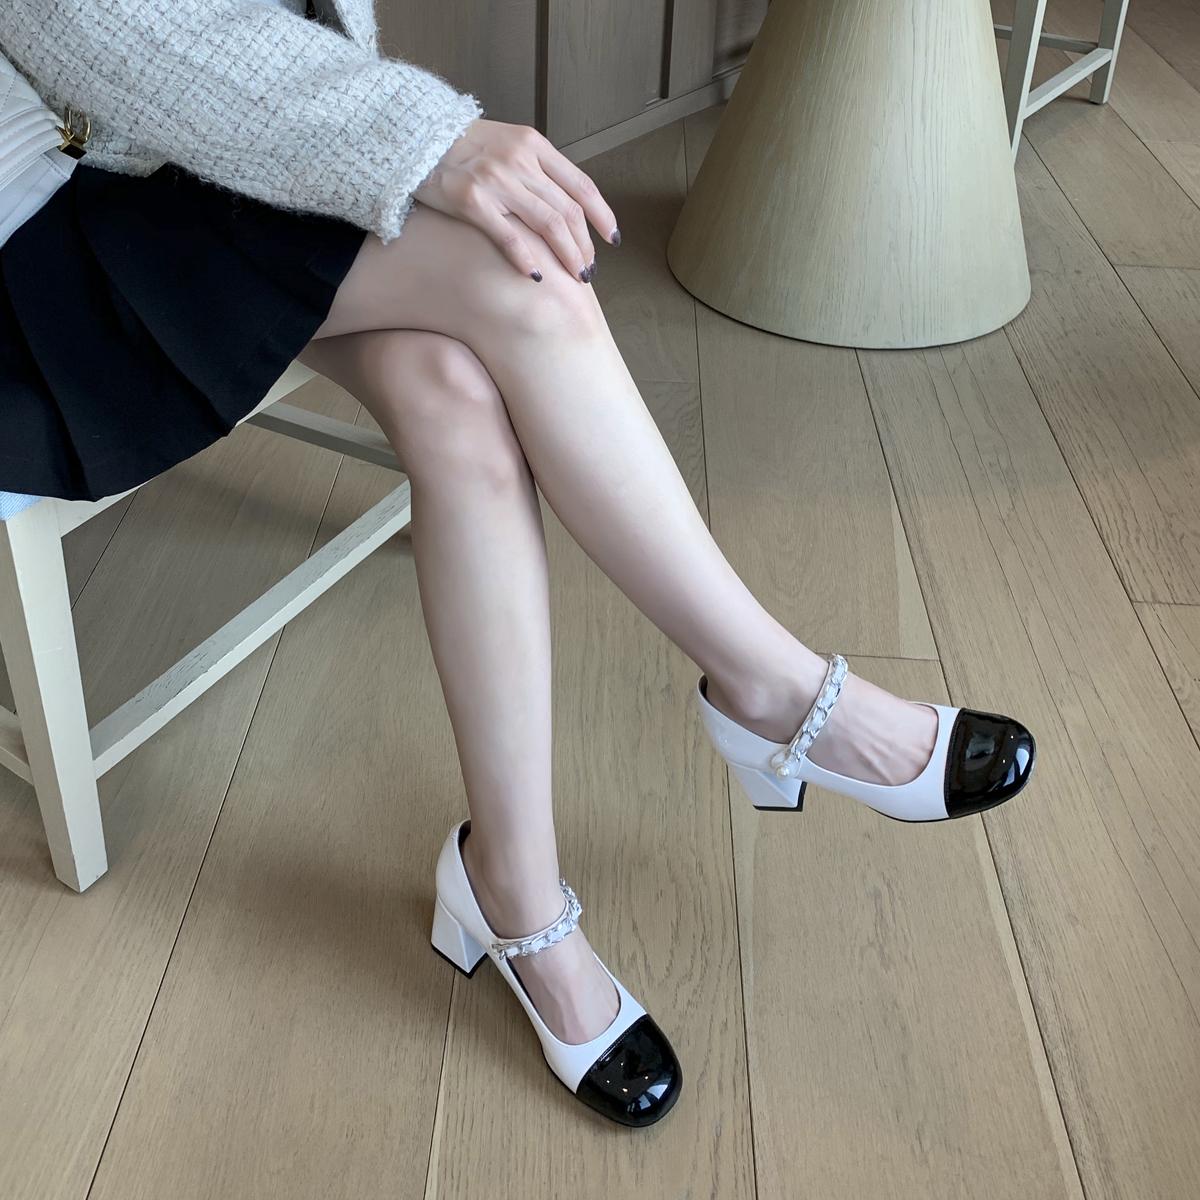 大叔家方头一字扣带玛丽珍鞋网红高跟鞋女2021年新款复古粗跟单鞋